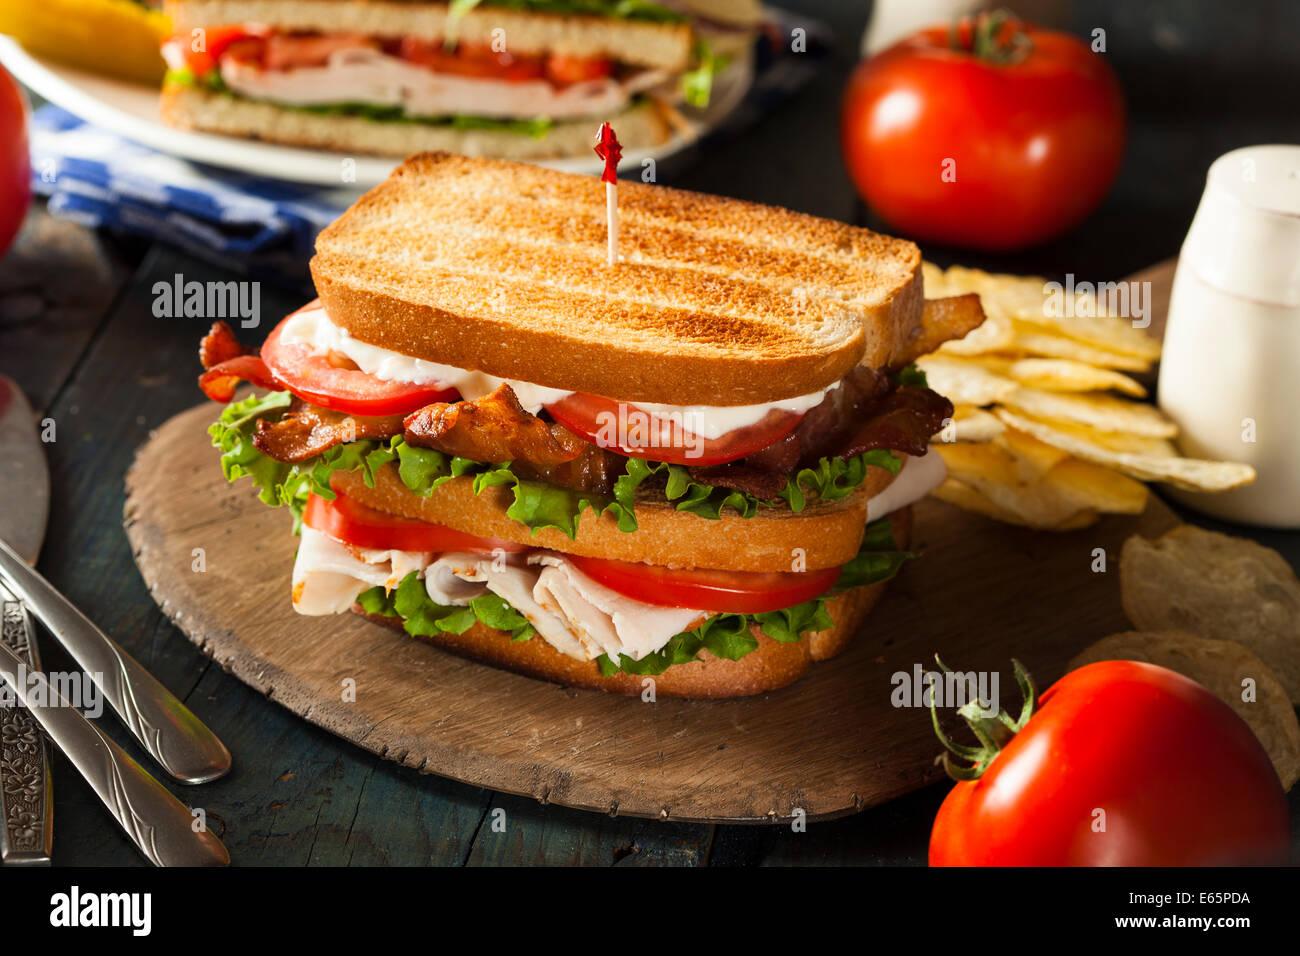 Turquía y Bacon Club sándwich con lechuga y tomate Imagen De Stock